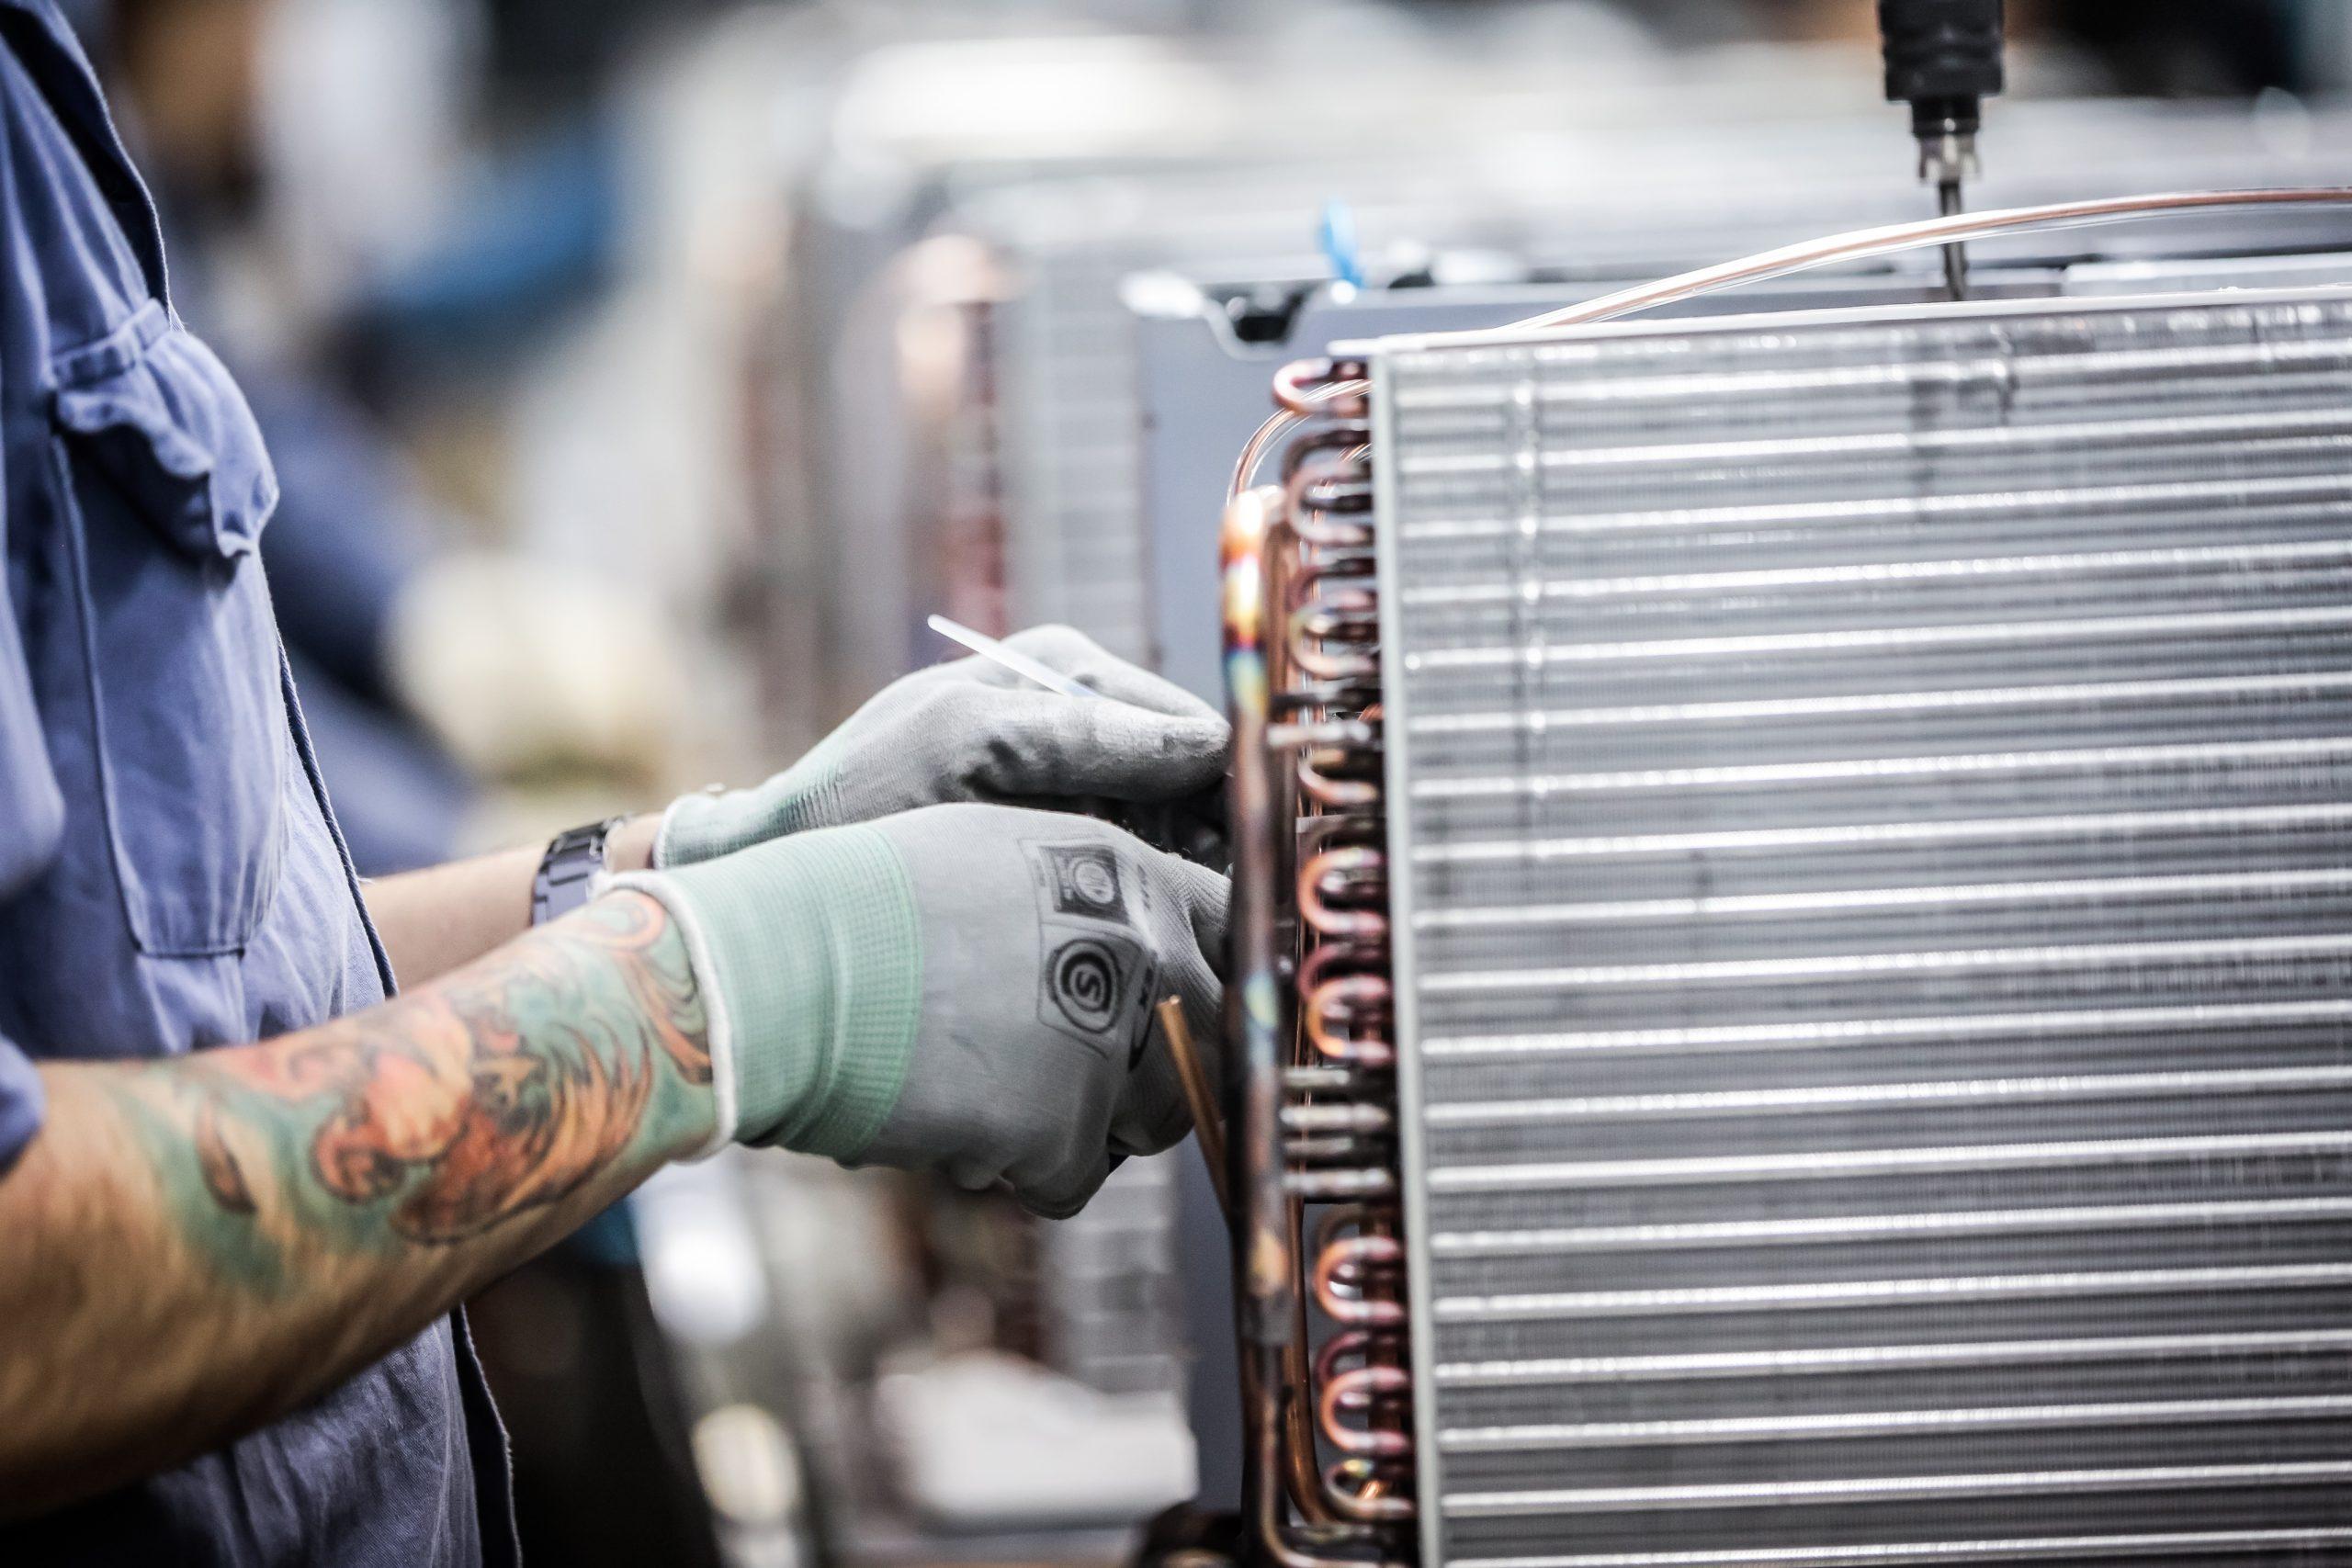 Grupo BGH y Samsung se alían para el desarrollo de nuevos aires acondicionados